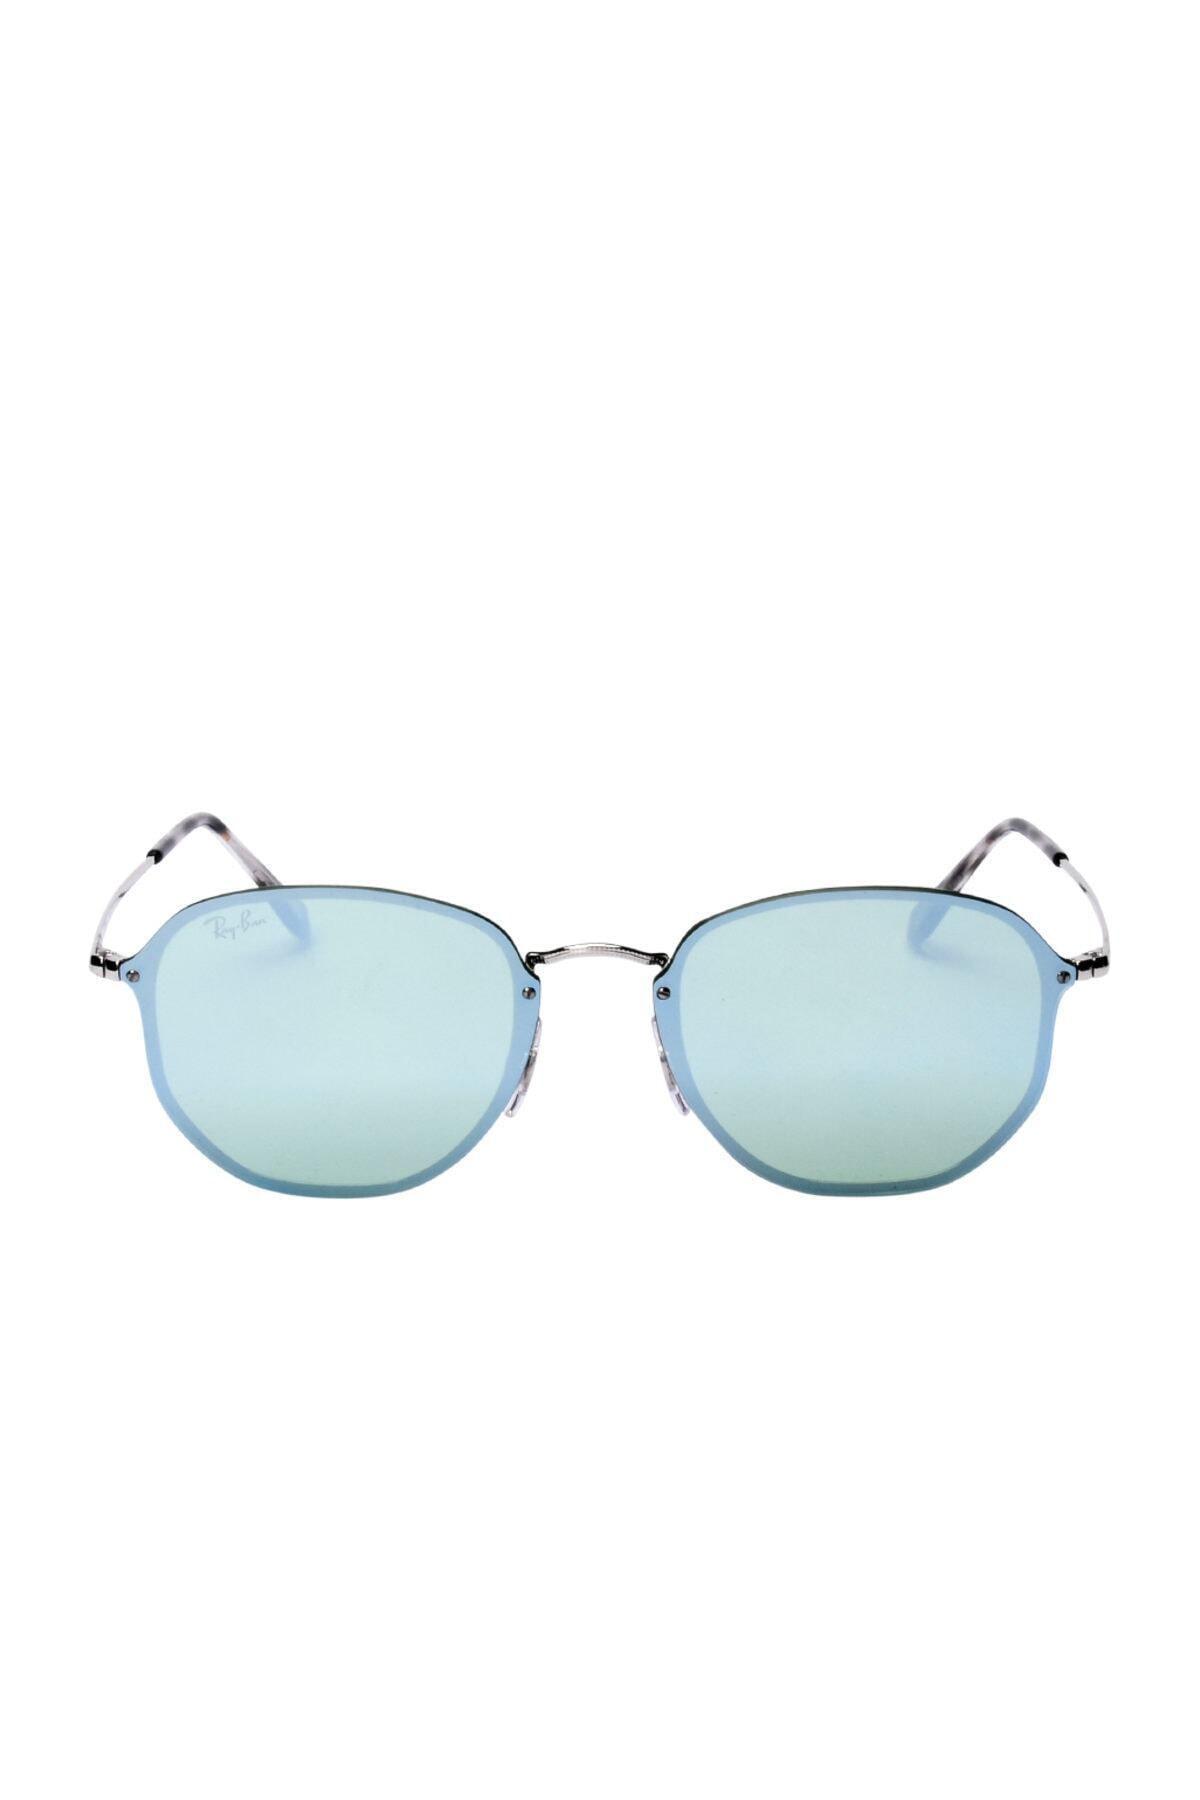 عینک دودی خاص برند ری بن کد ty1063209